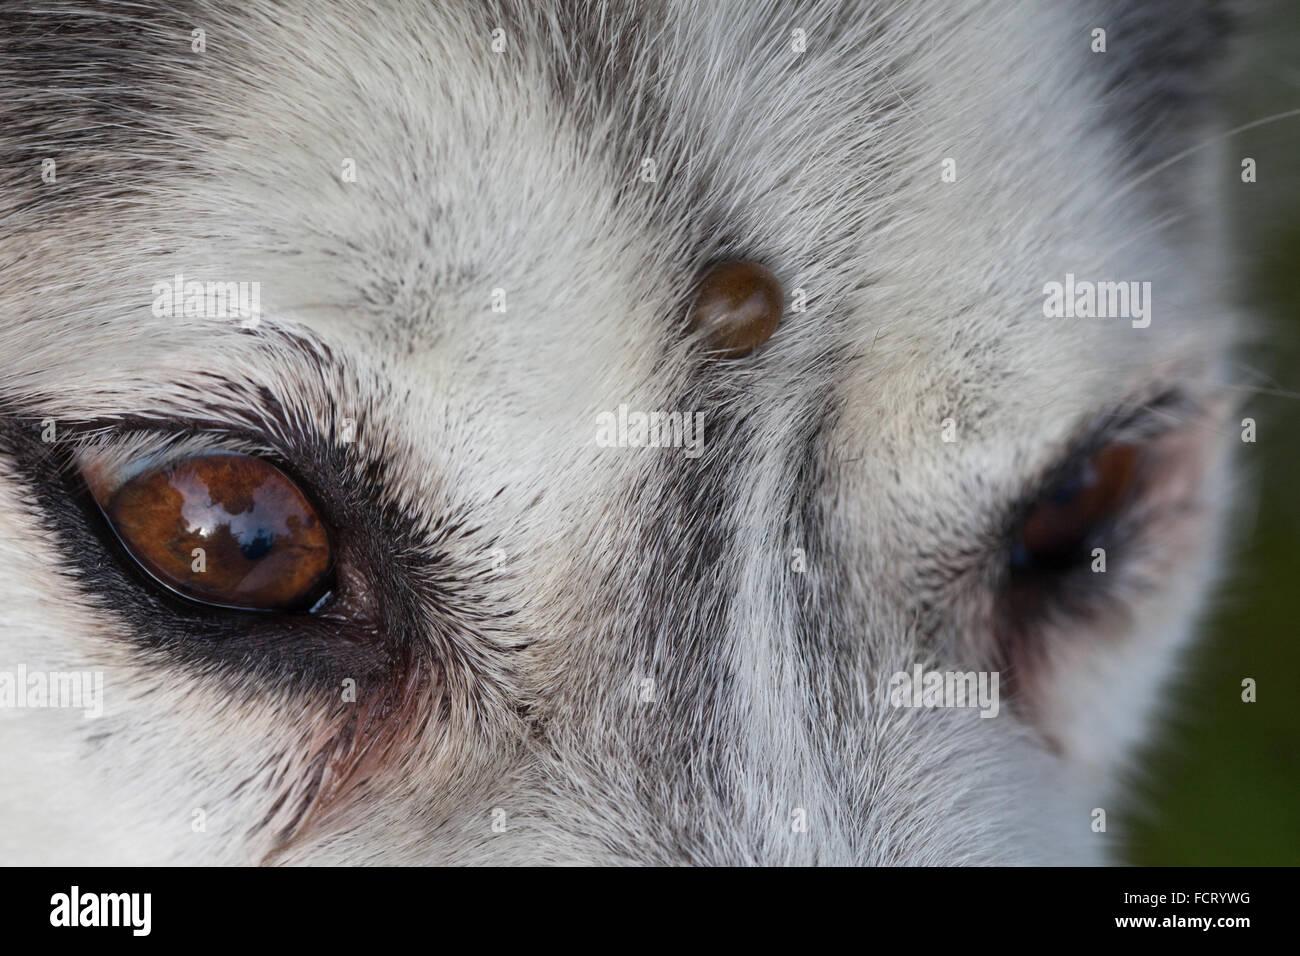 Siberian Husky Dog Canis Lupus Familiaris Forehead